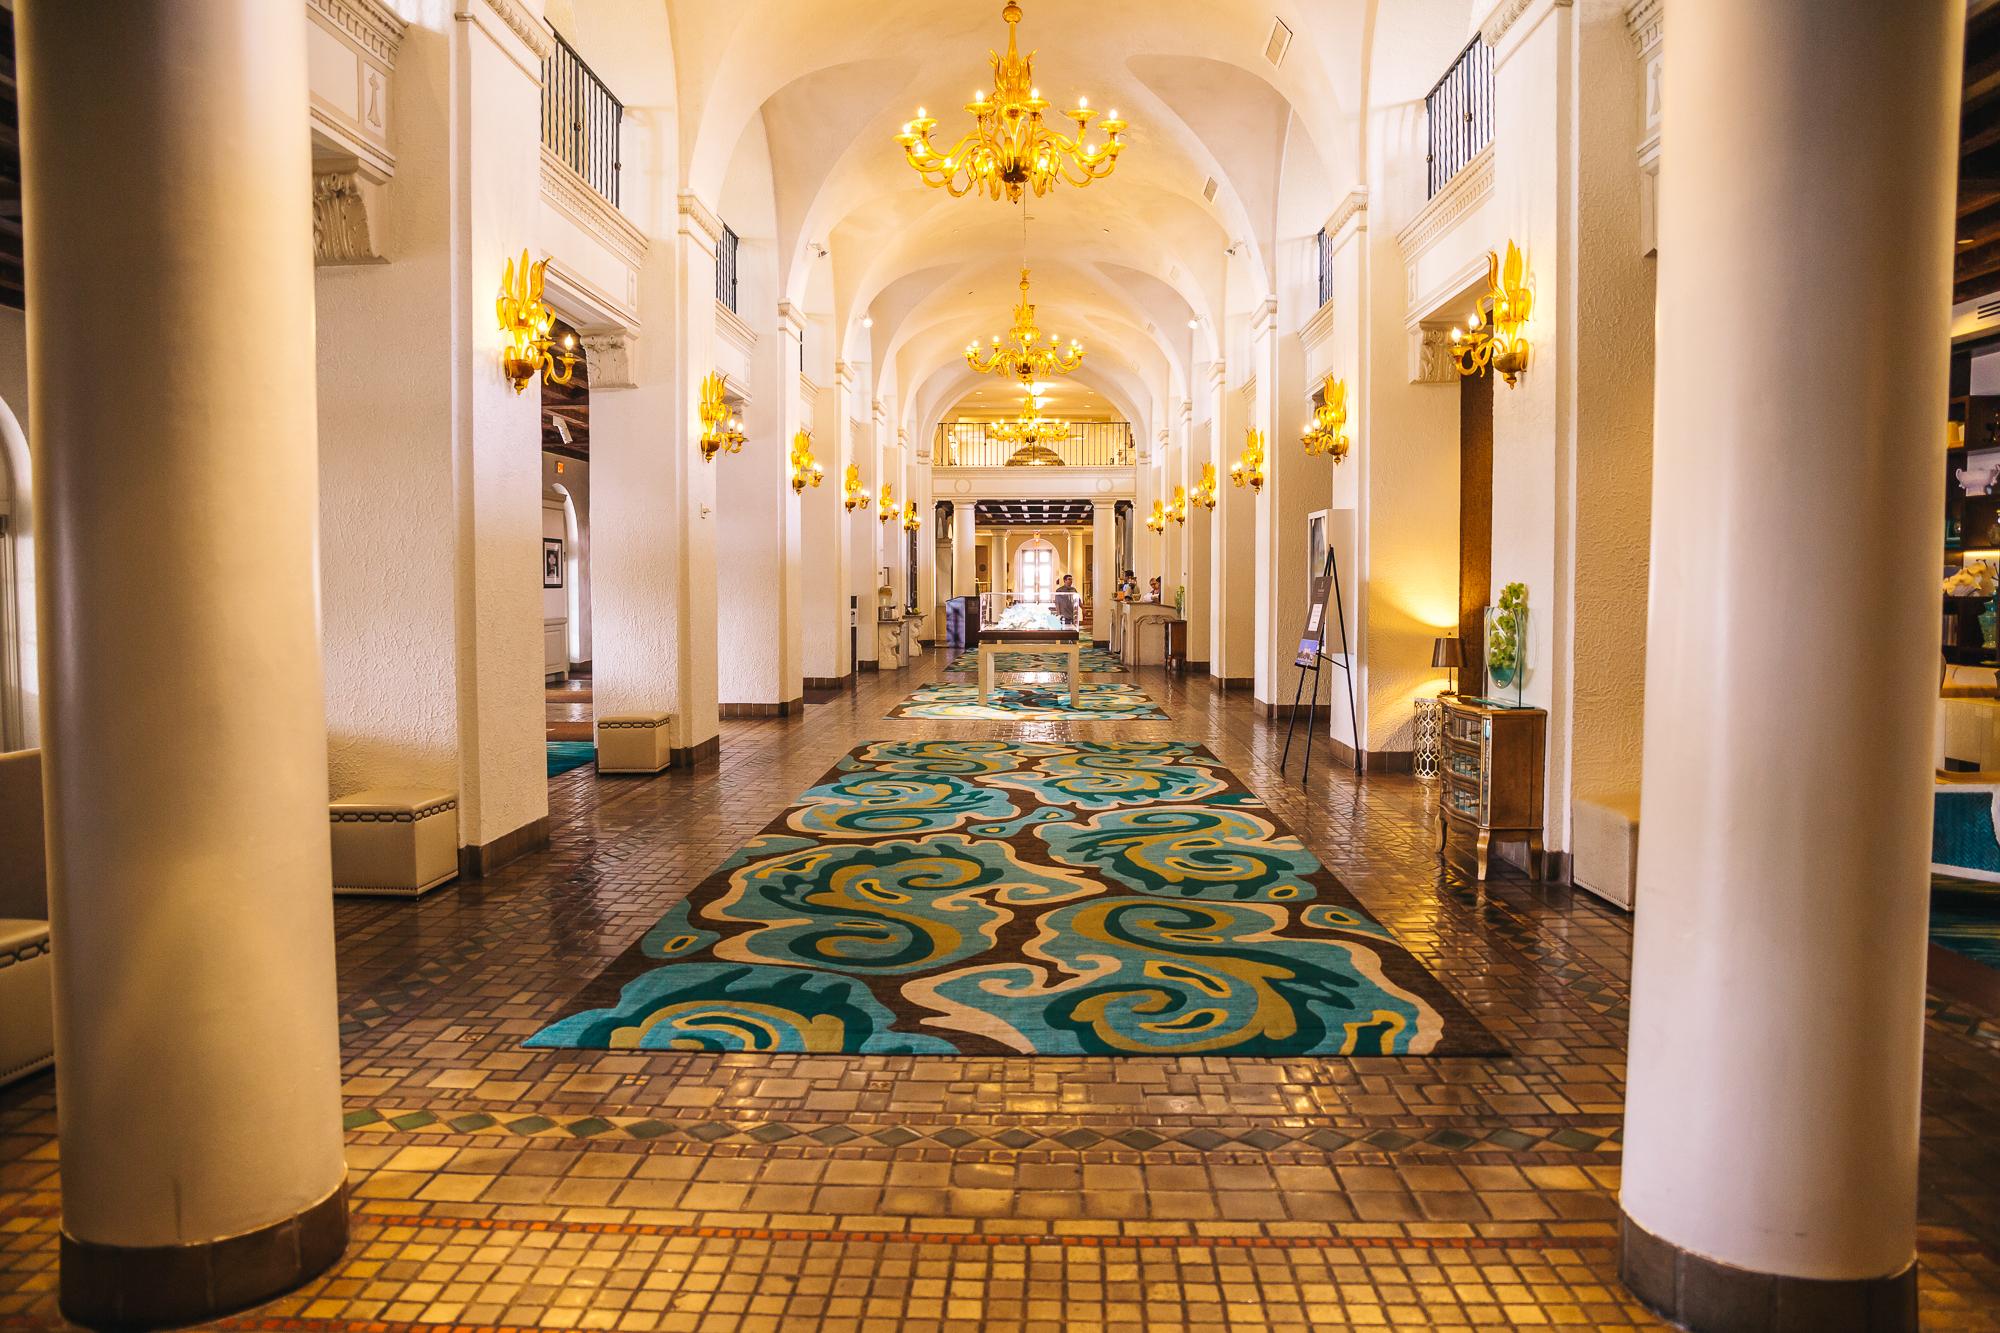 Vinoy Hotel lobby